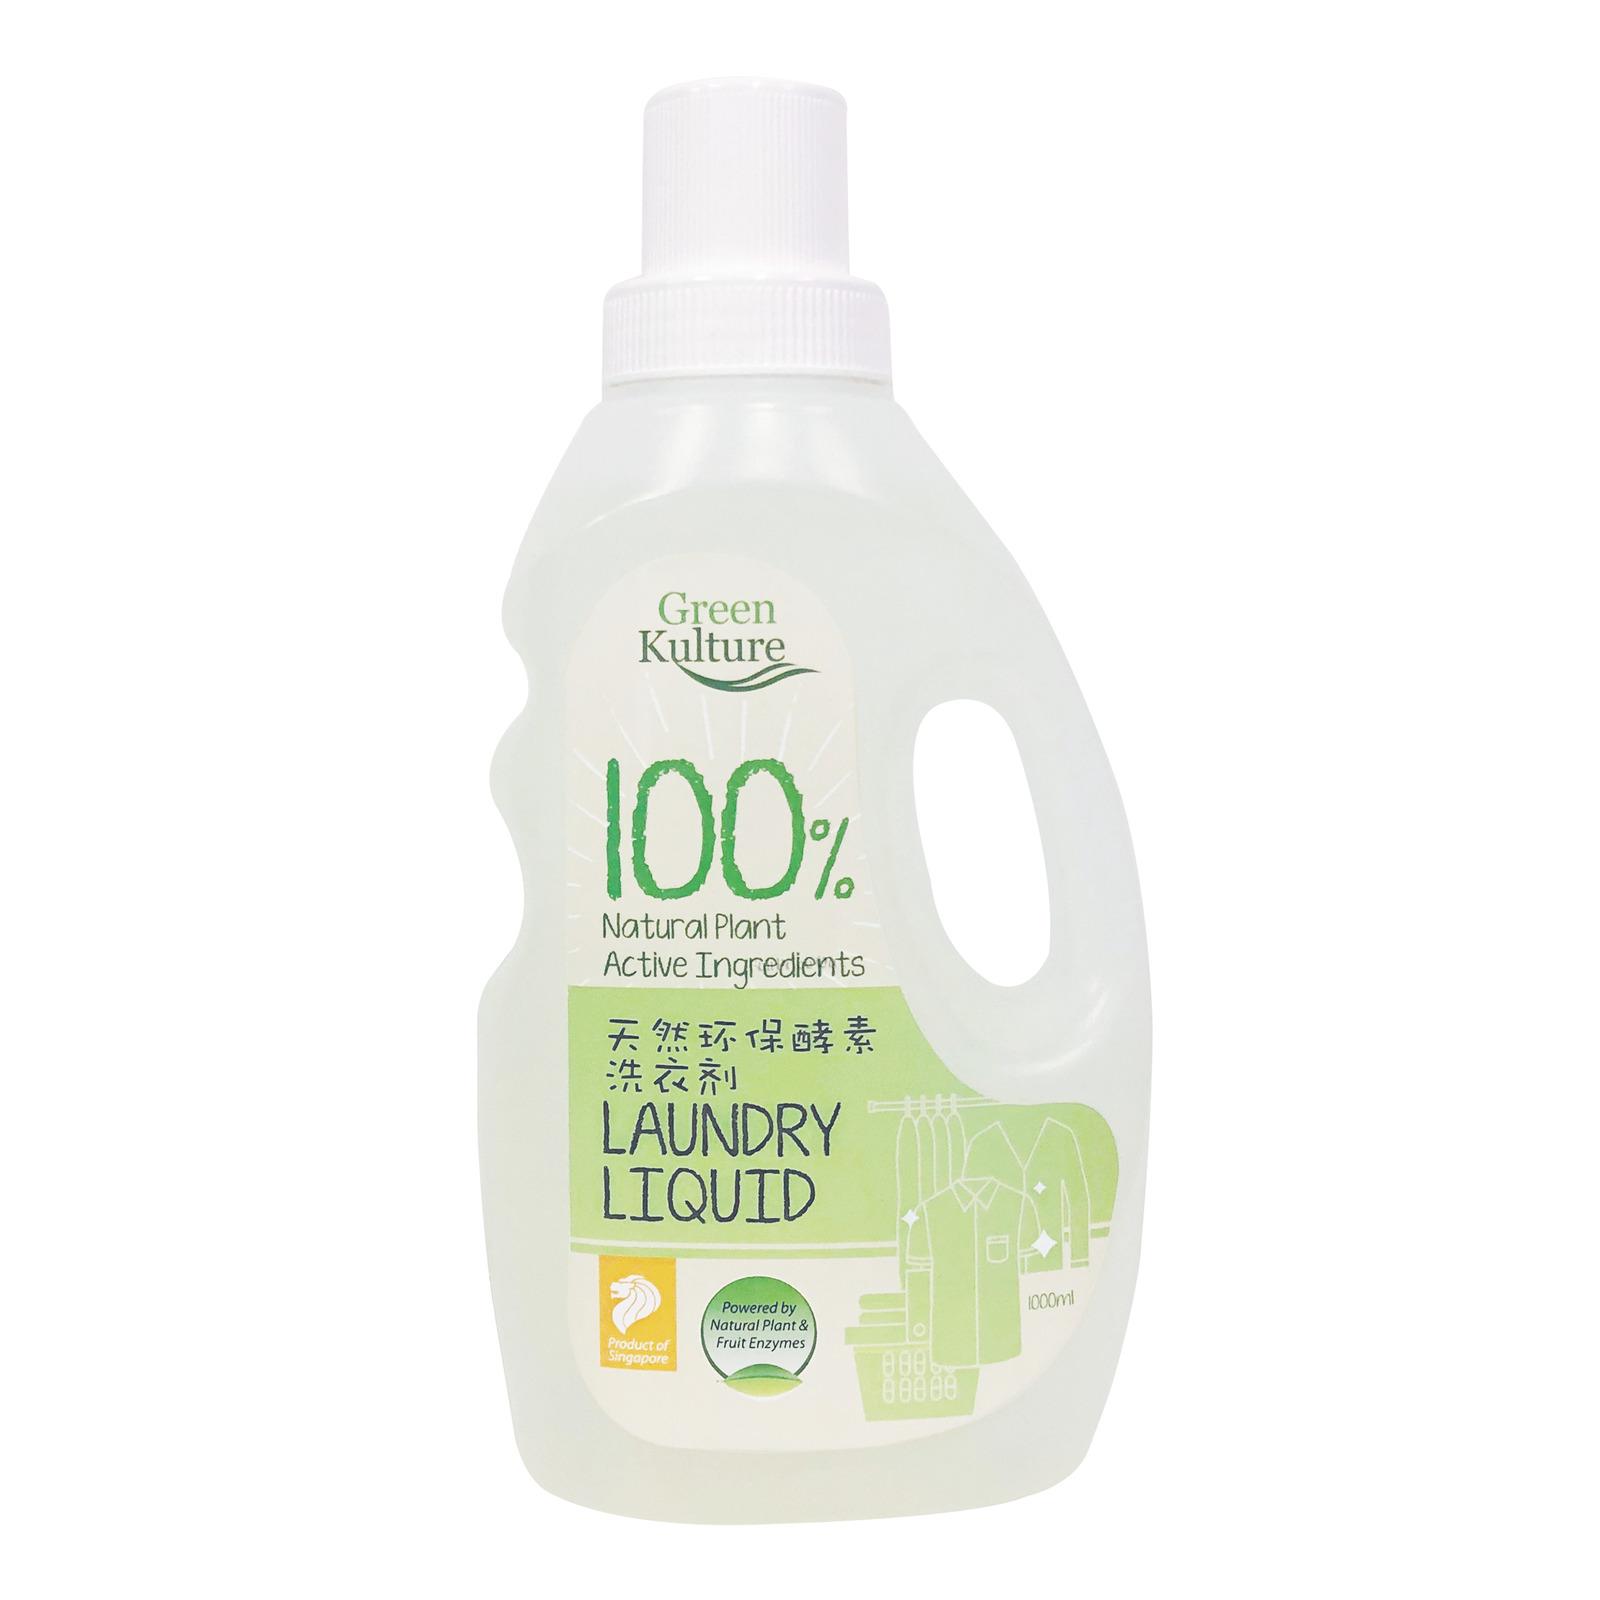 Green Kulture Laundry Liquid